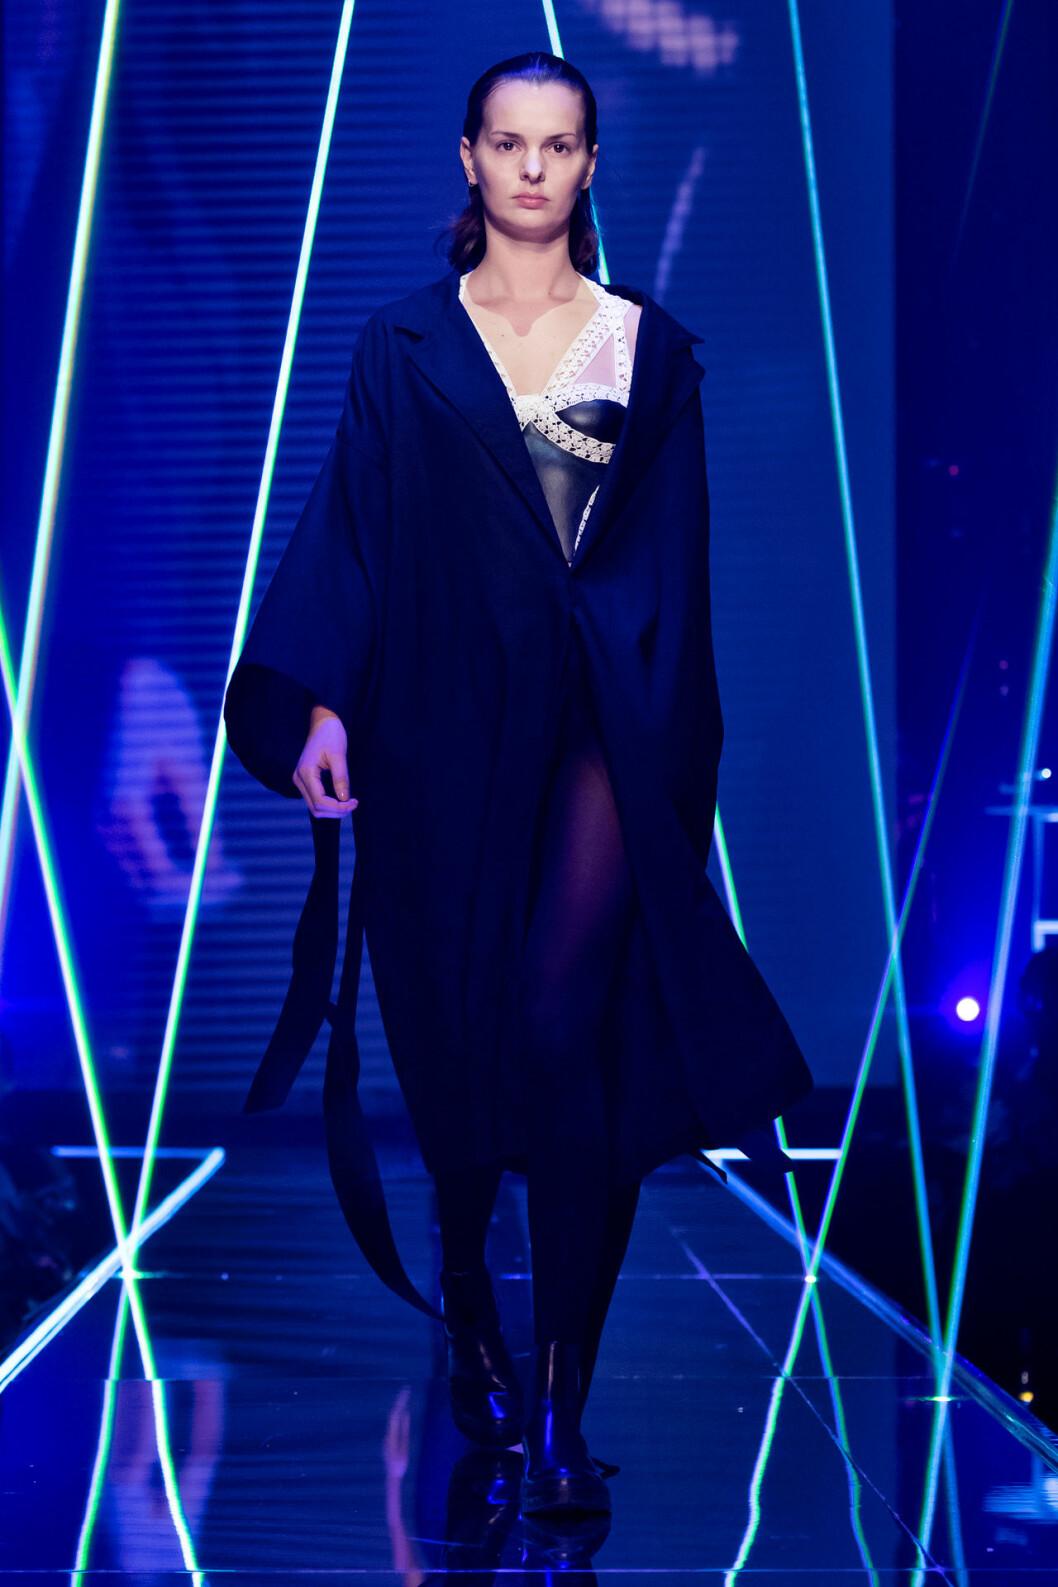 Svart kimono från visningen av årets nykomling Amanda Borgfors Mészáros.